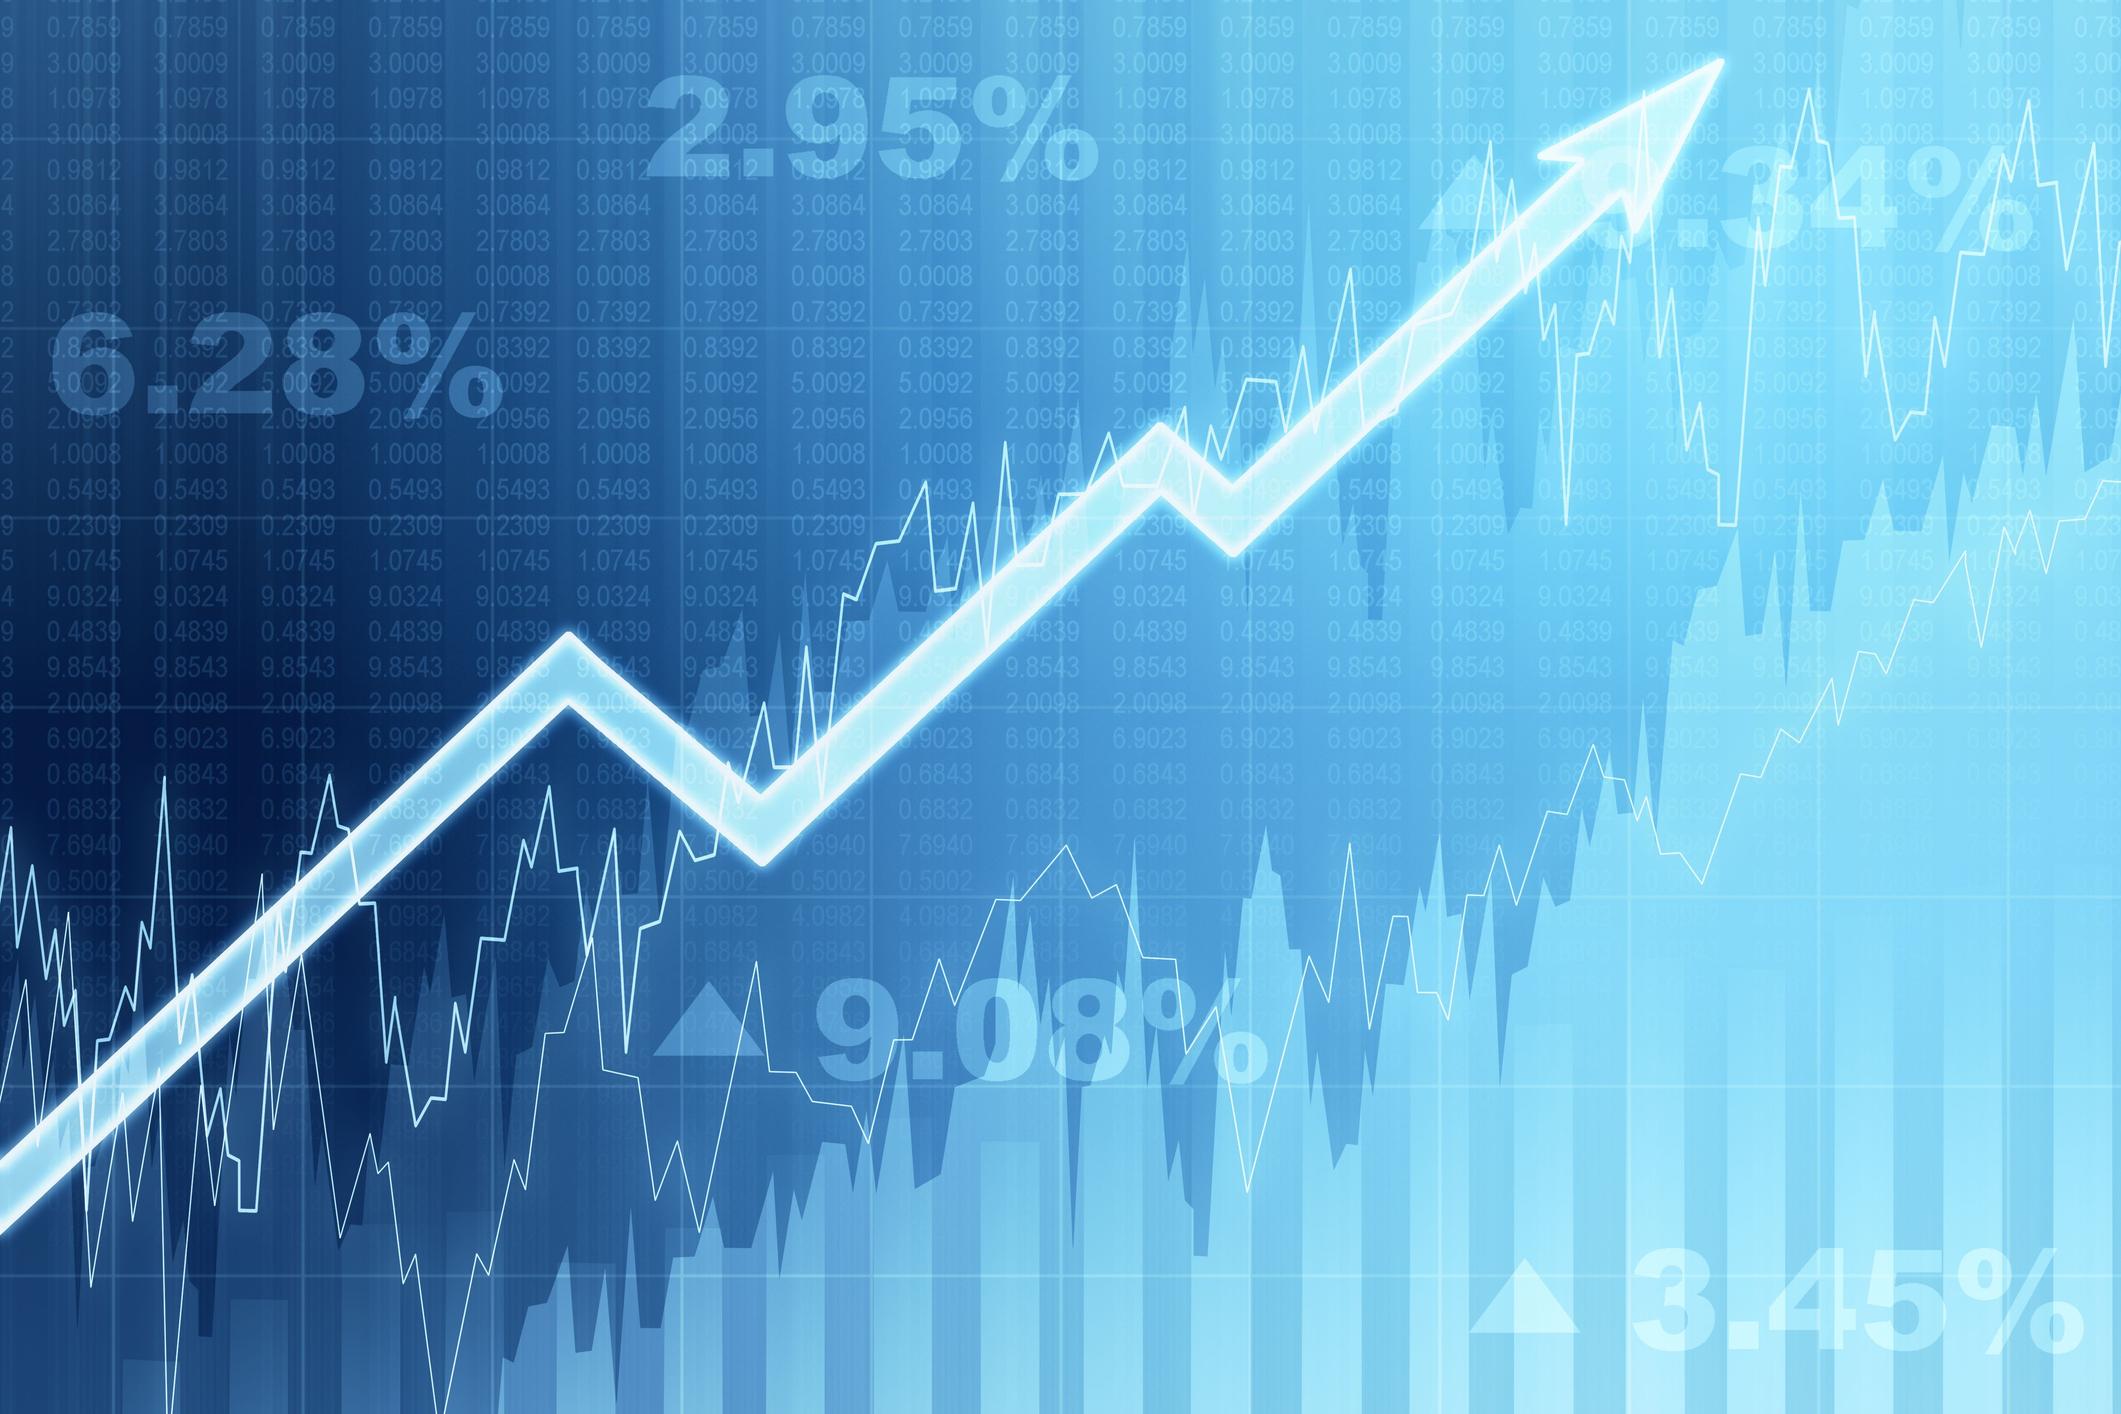 2 Stocks Robinhood Investors Are Bullish On